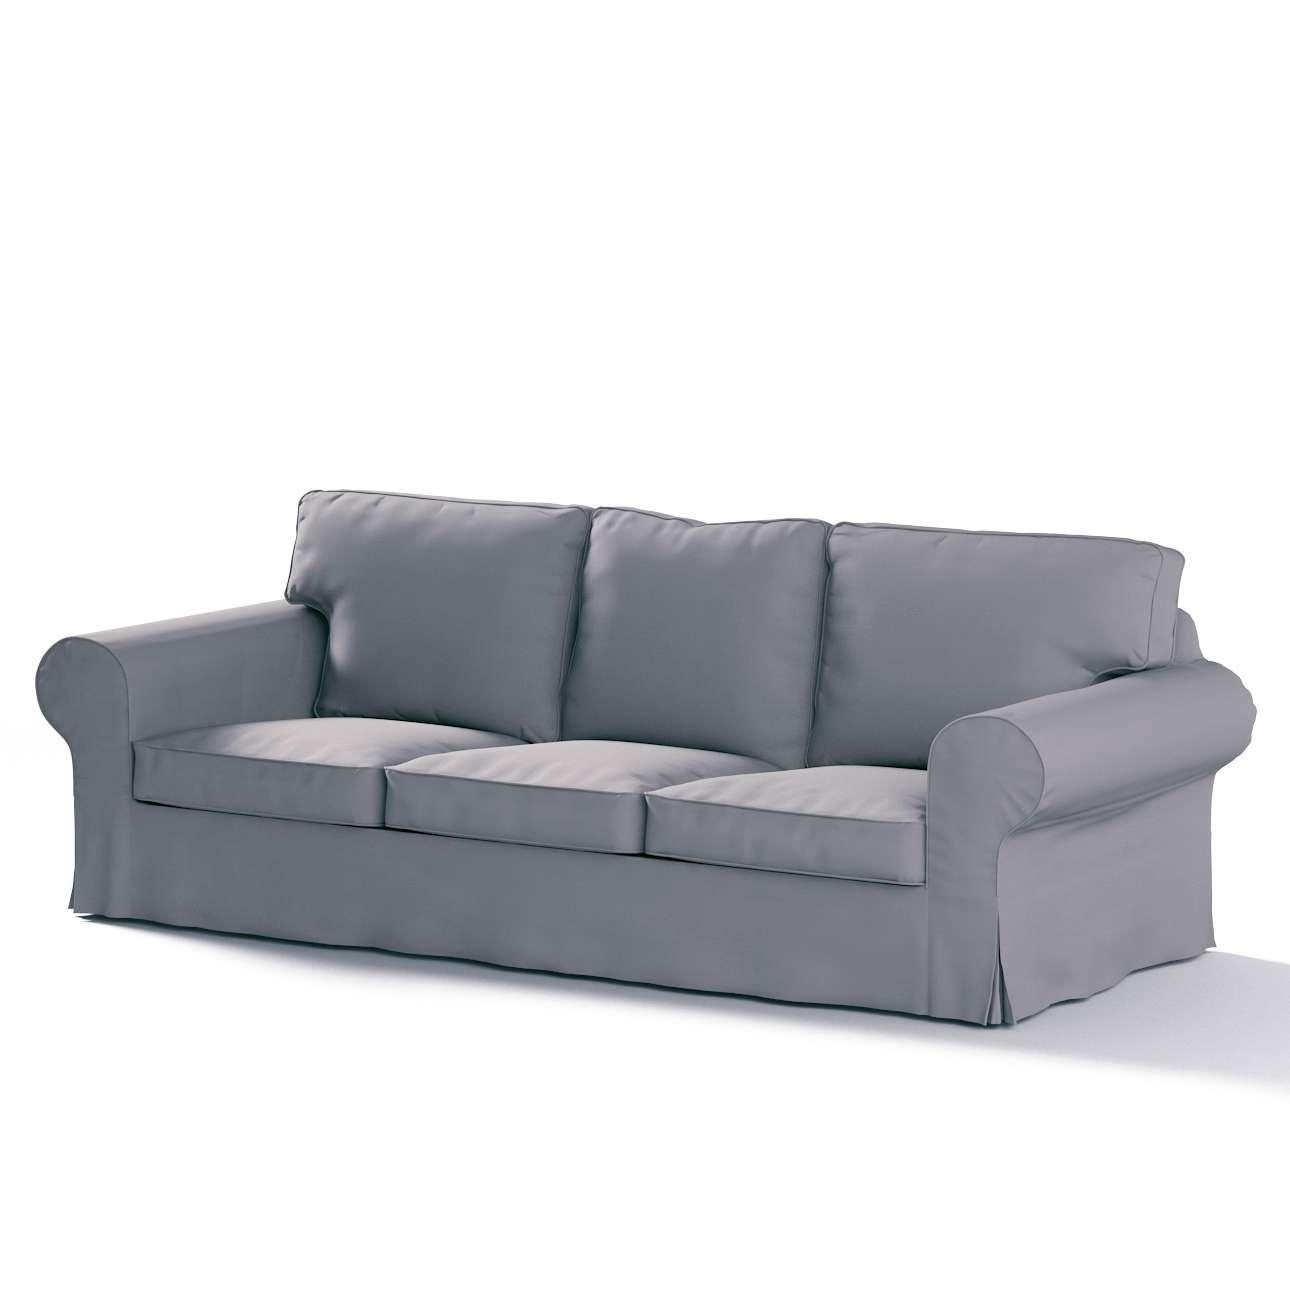 Ektorp trivietės sofos-lovos užvalkalas Ektorp trivietė sofa-lova kolekcijoje Cotton Panama, audinys: 702-07